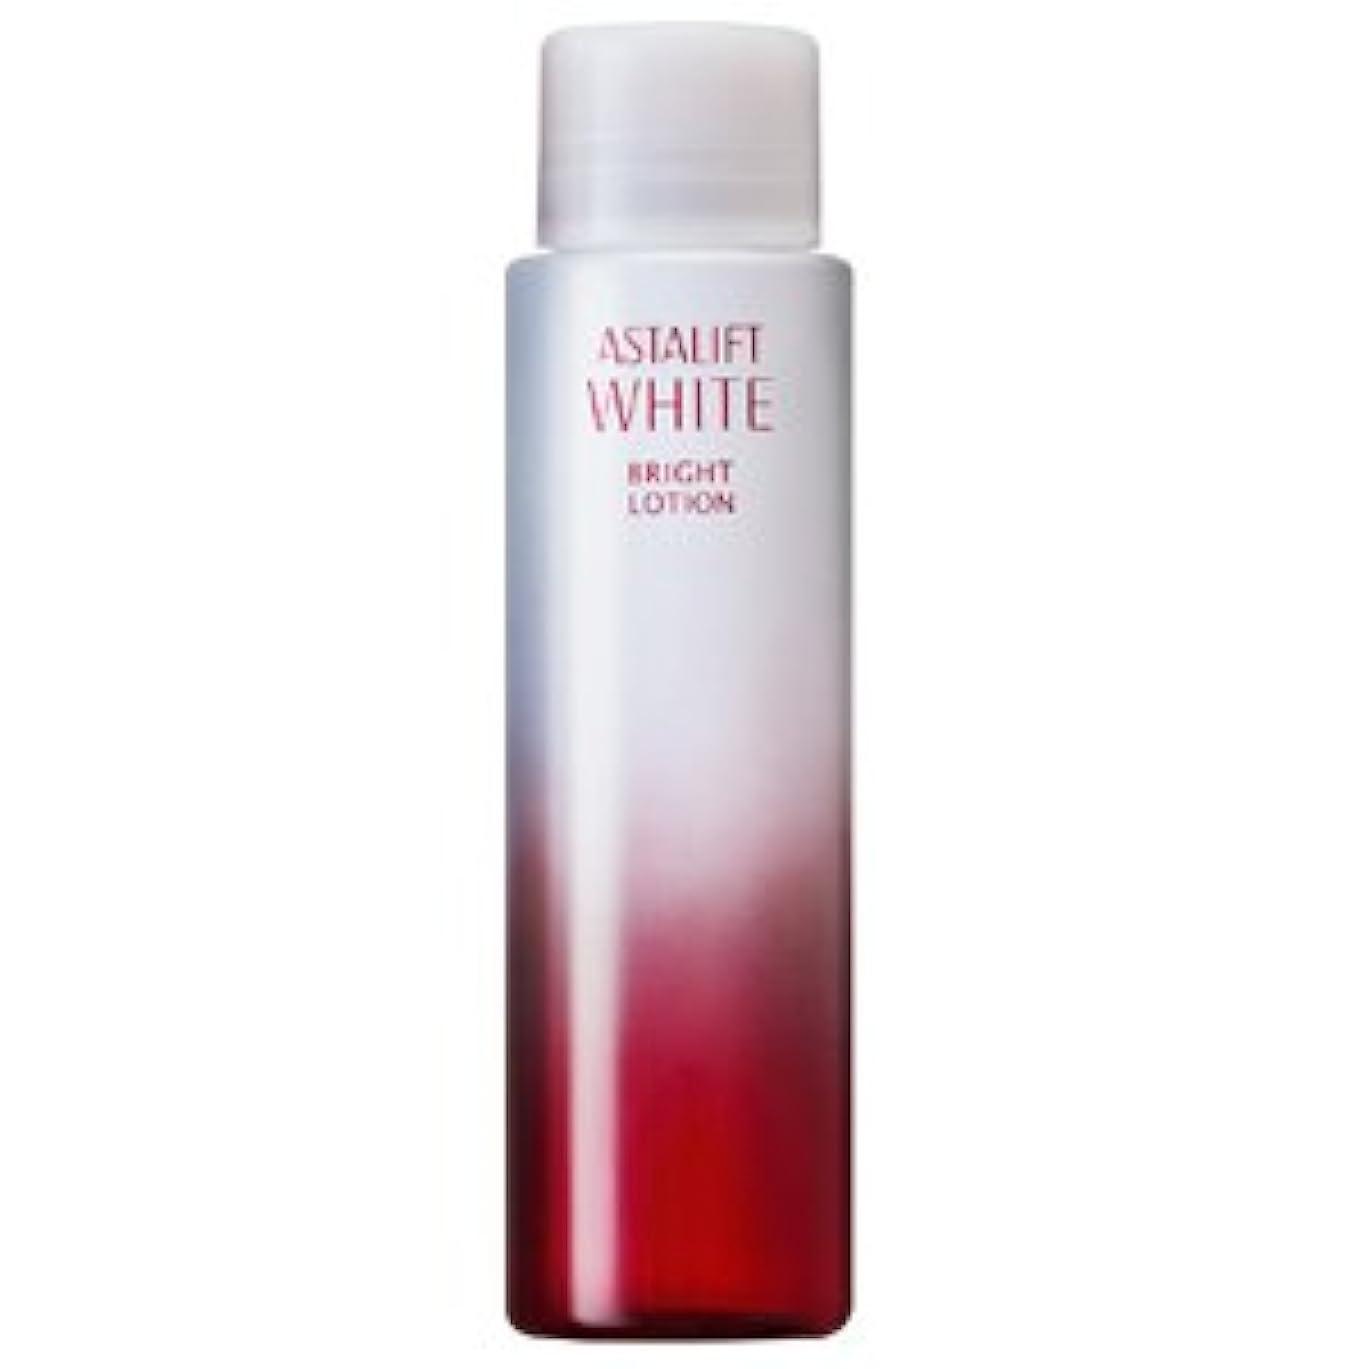 興味改善以来アスタリフト/ASTALIFT 化粧水 アスタリフトホワイトブライトローション レフィル 130ml [並行輸入品]